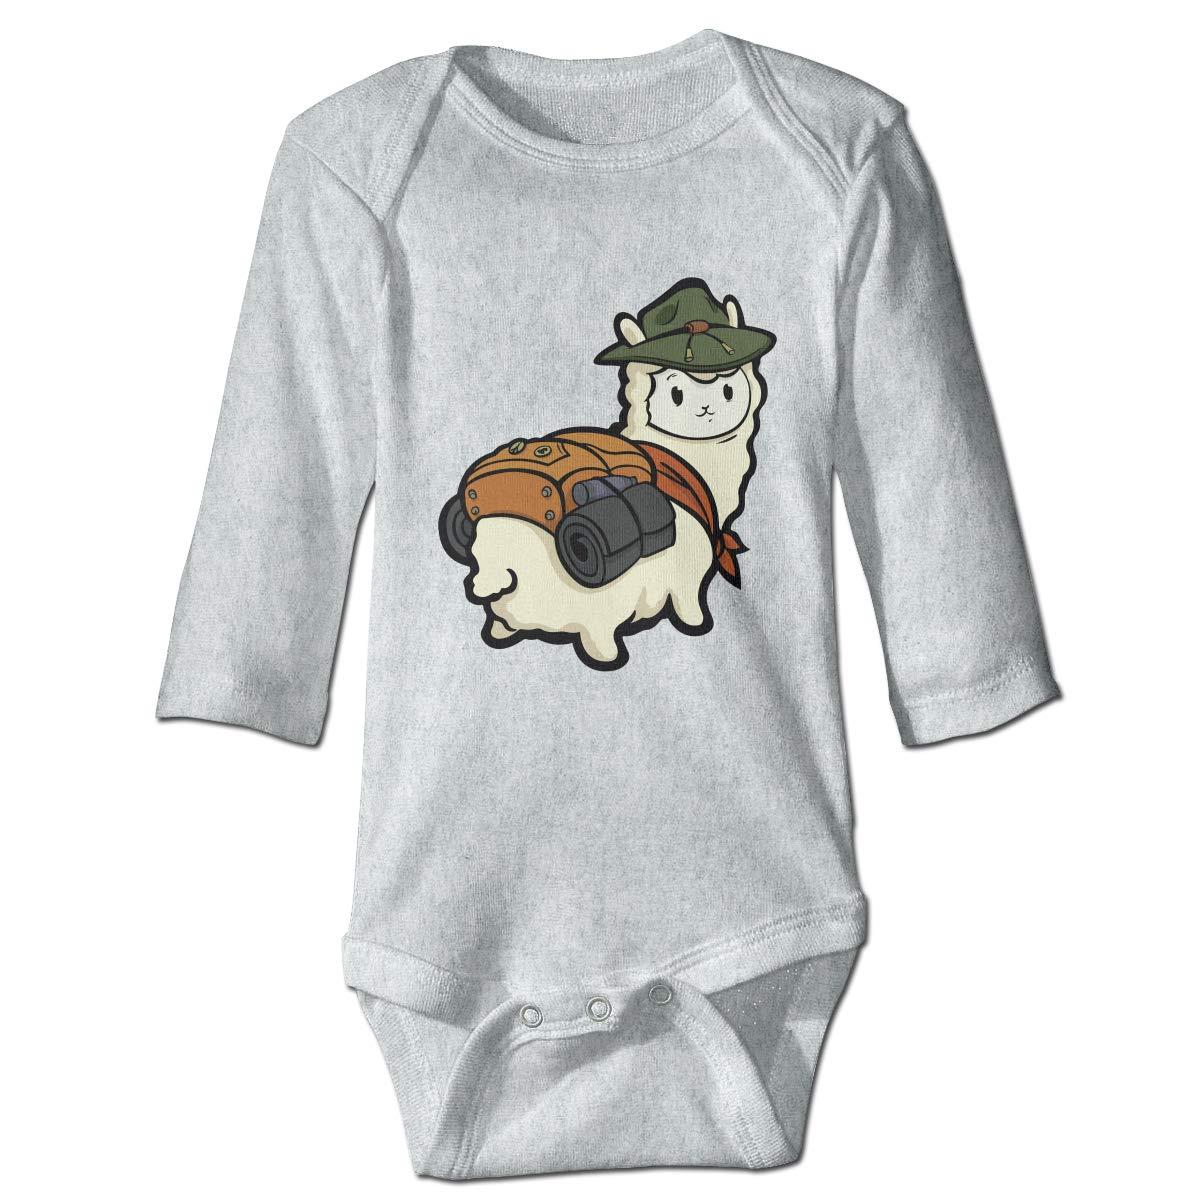 XHX Baby Alpaca with Backpack Long Sleeve Romper Onesie Bodysuit Jumpsuit